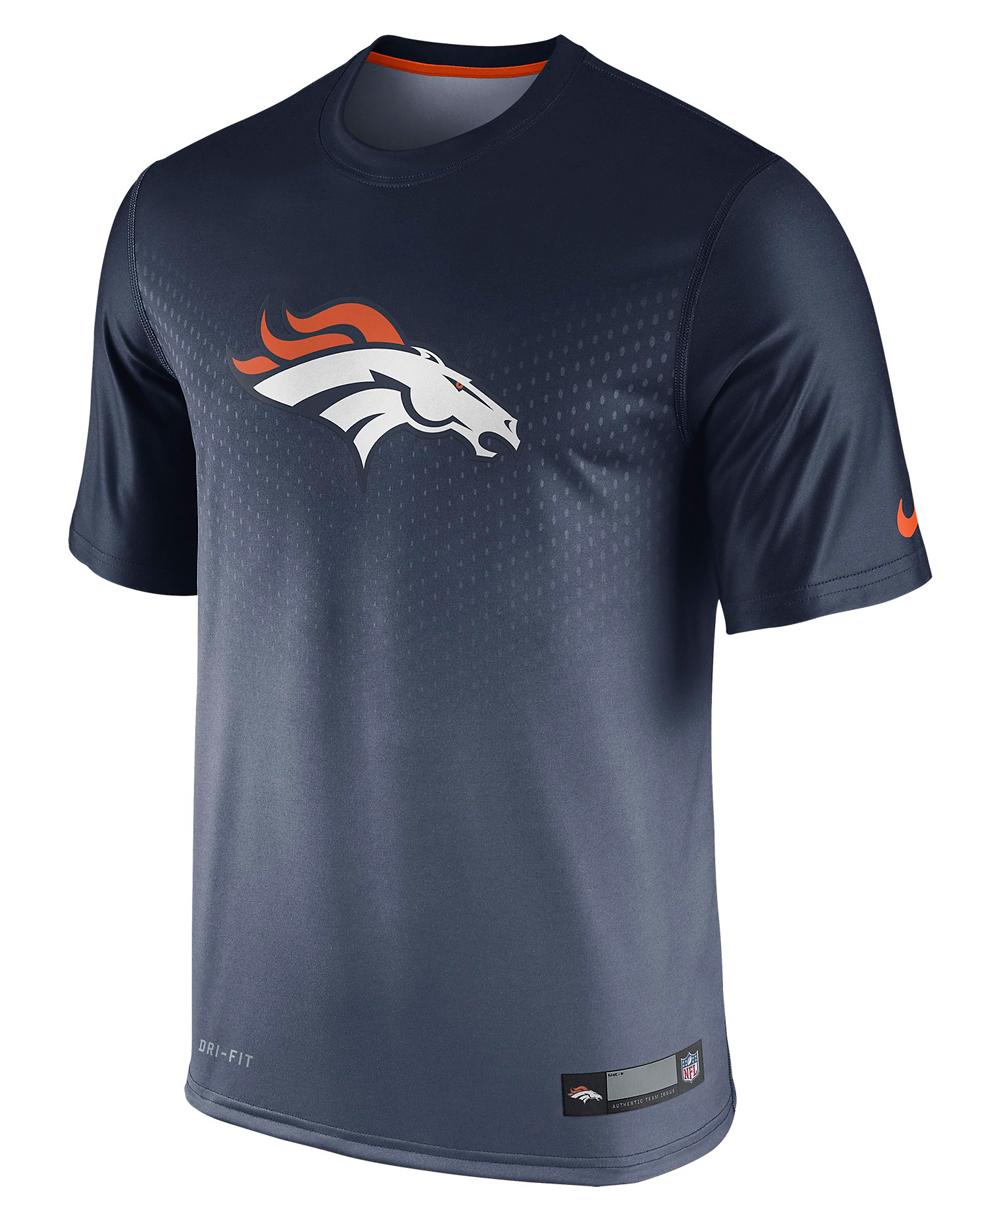 Legend Sideline Camiseta Manga Corta para Hombre NFL Denver Broncos